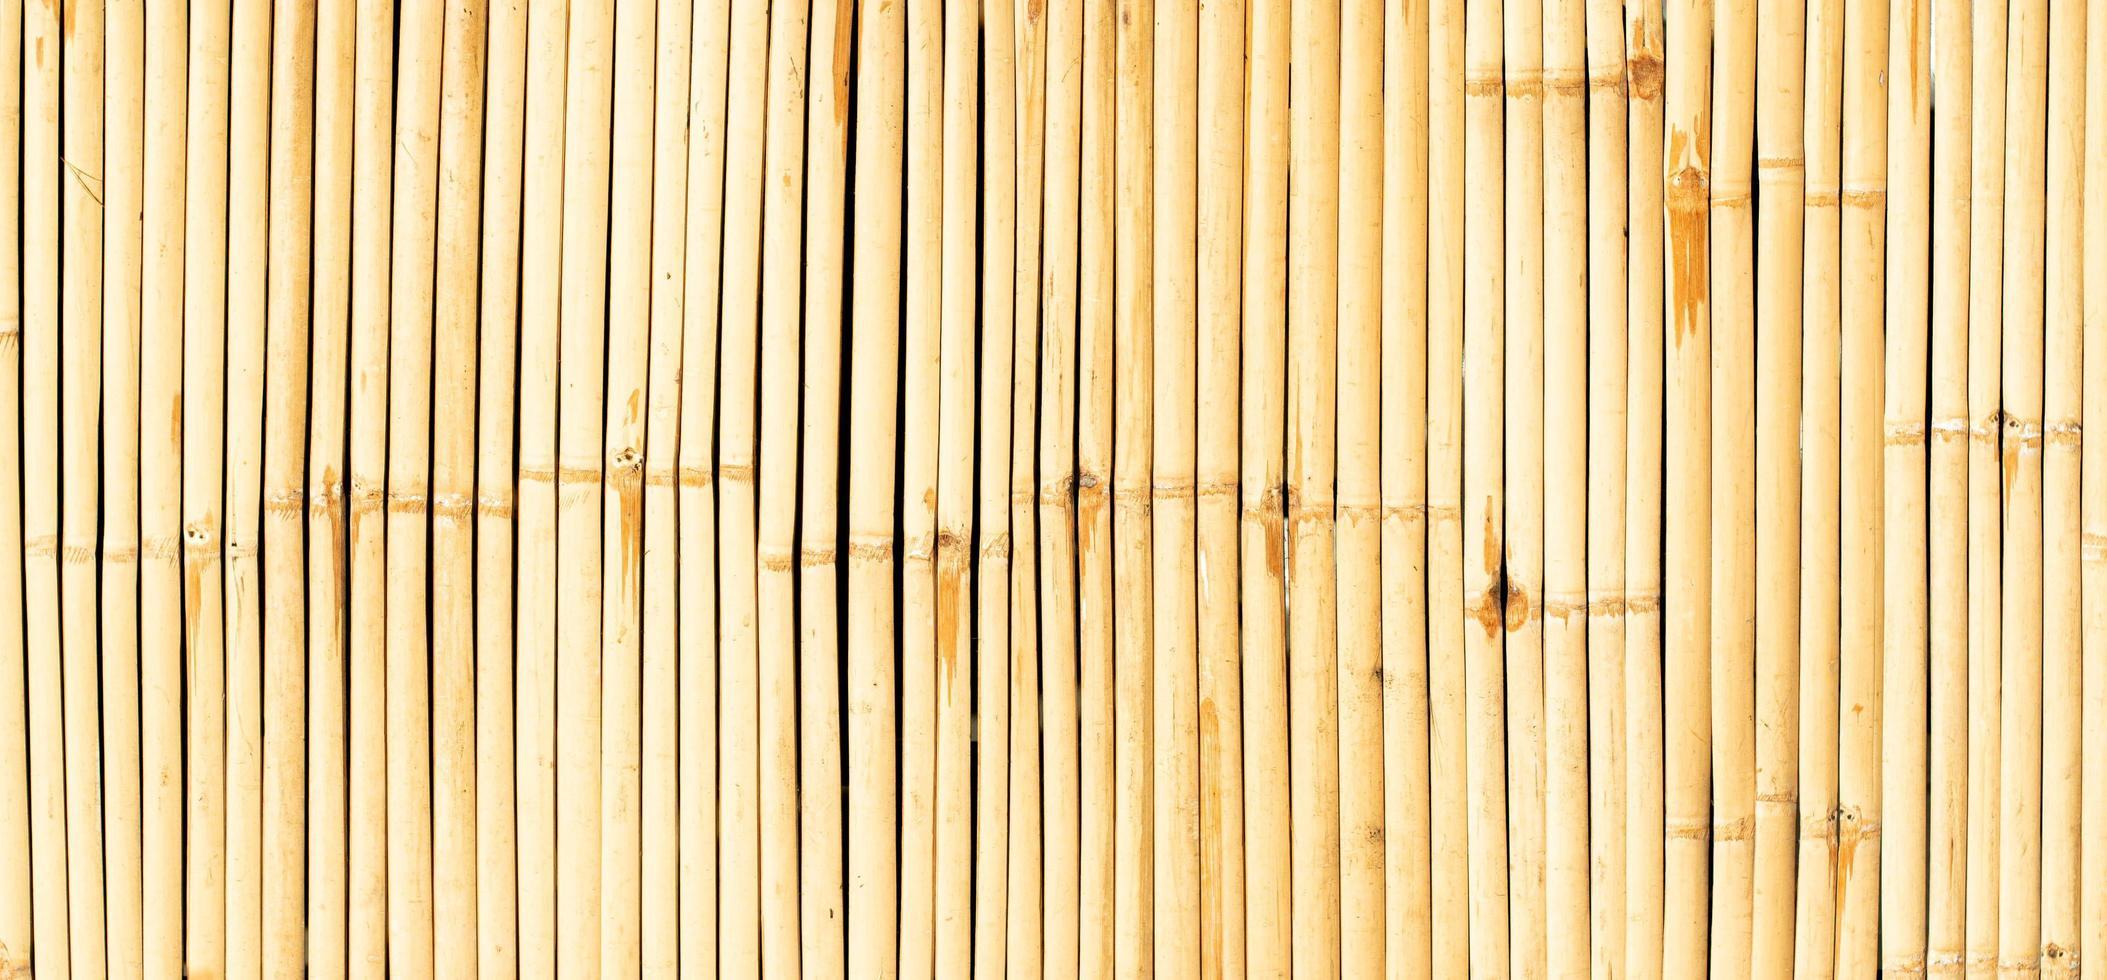 fond transparent de bambou mur jaune photo